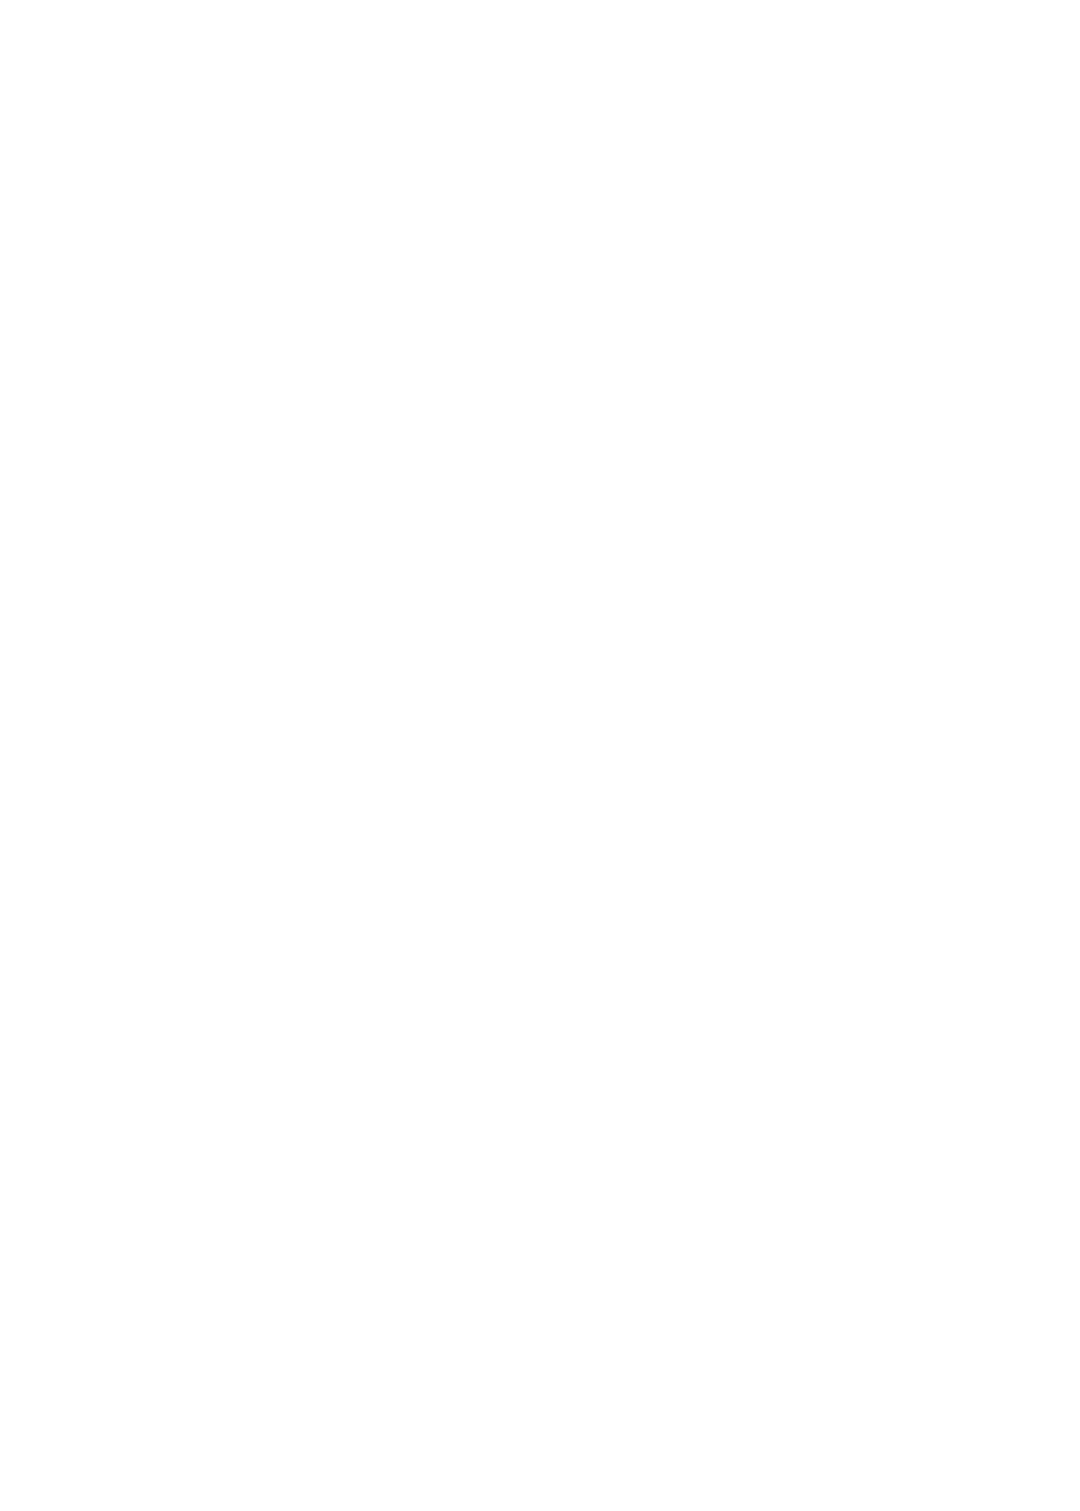 【はたらく魔王さま!エロ漫画】ソープに来た真奥は恵美とマットプレイでご奉仕され生ハメセックスで絶頂させる【安麟太郎】